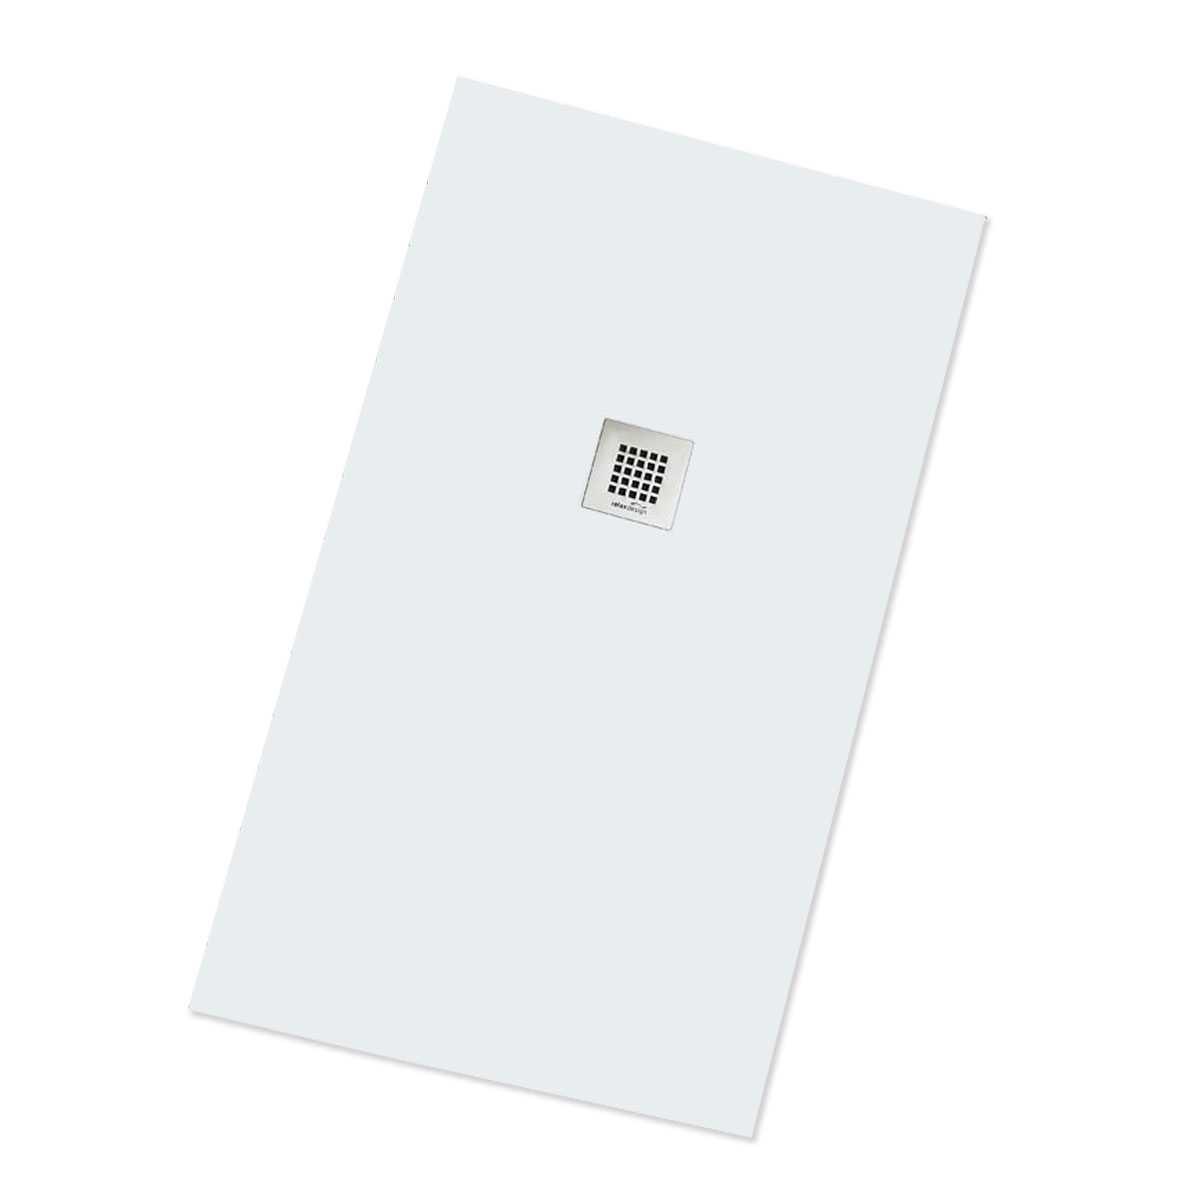 Piatto doccia ultrapiatto 70x160 colorato realizzato in solid surface con griglia inox  Rocky Solid